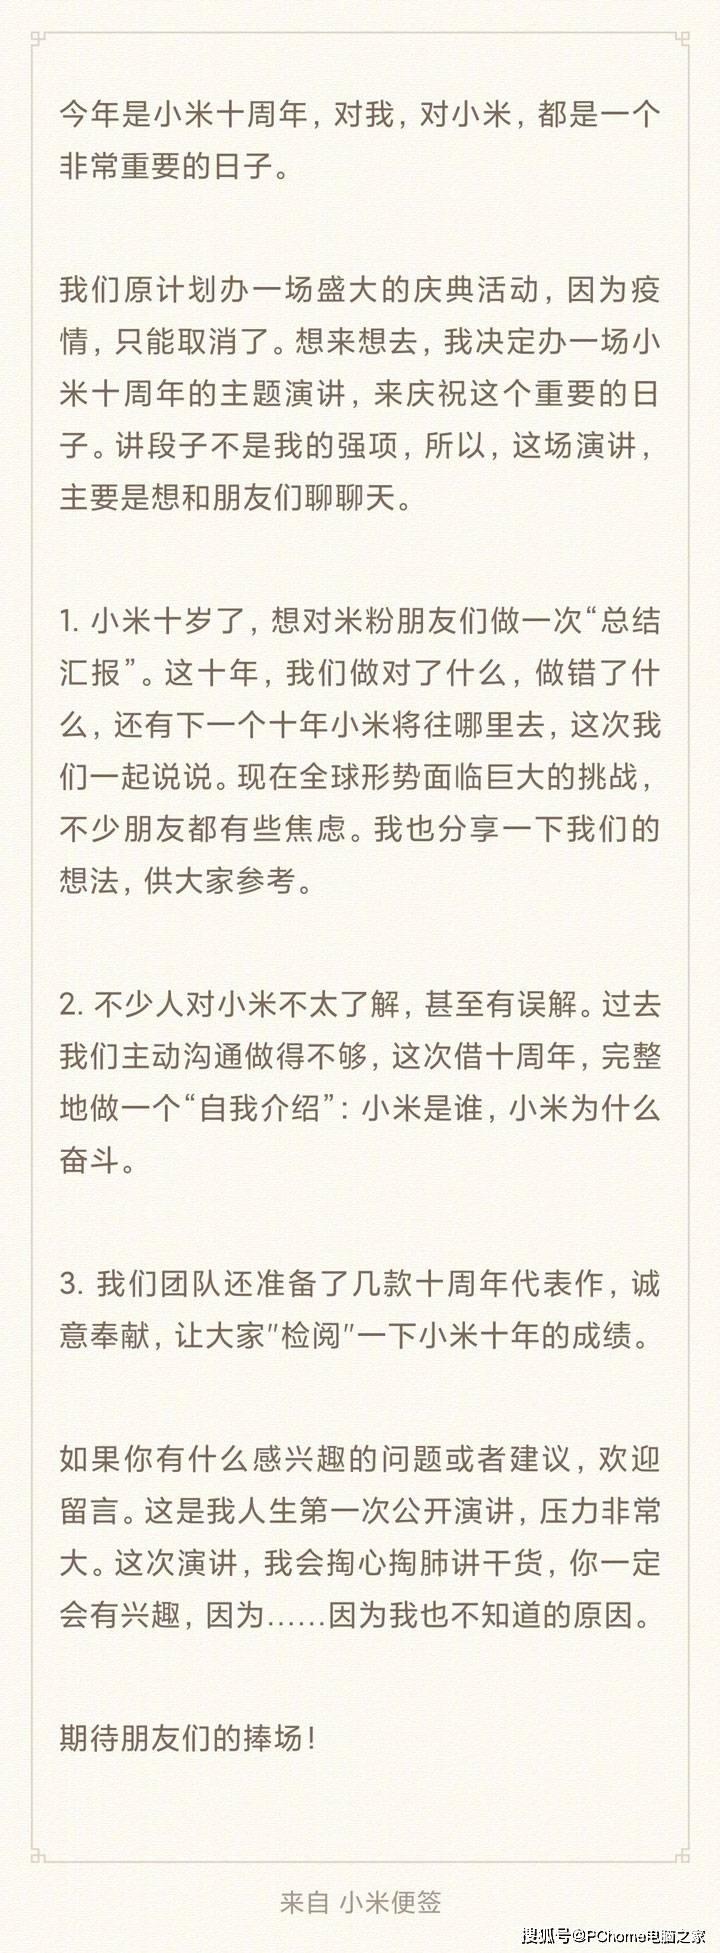 红酸枝红木家具小米筹办10周年主题演讲 米10超大杯或将面世